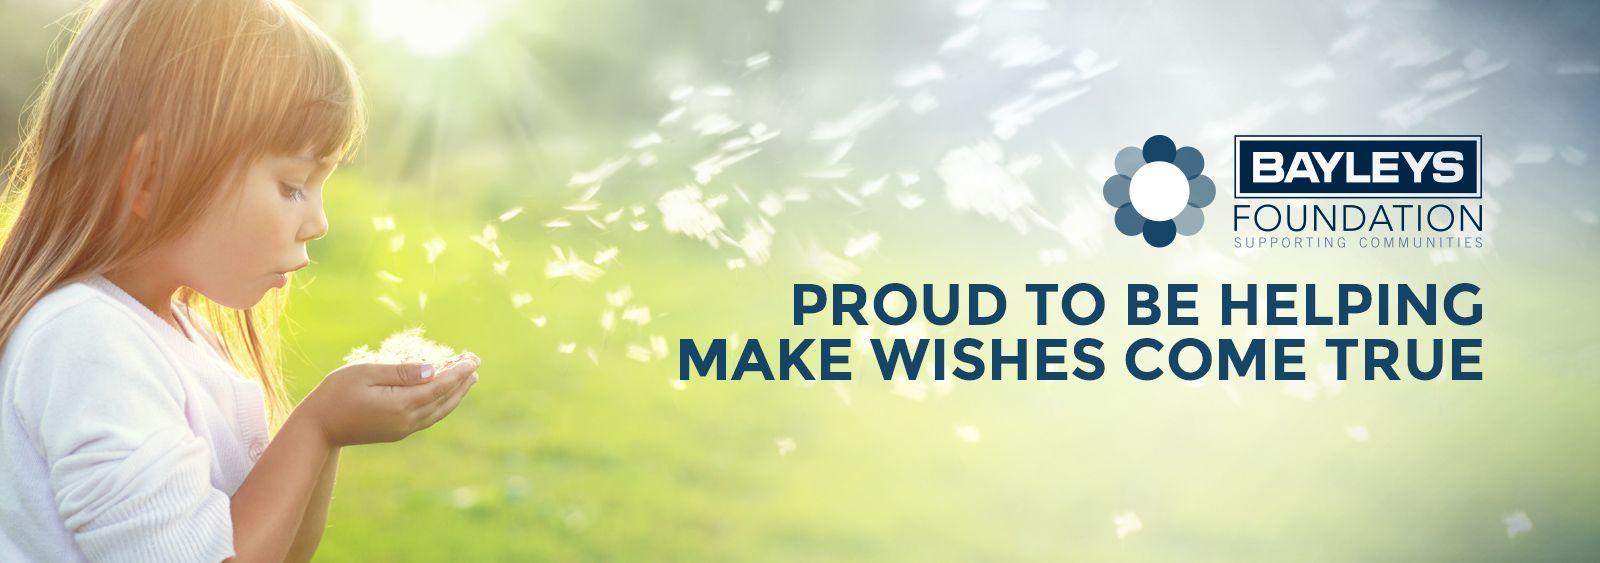 Makeawish bayleysbanner wish come true make a wish